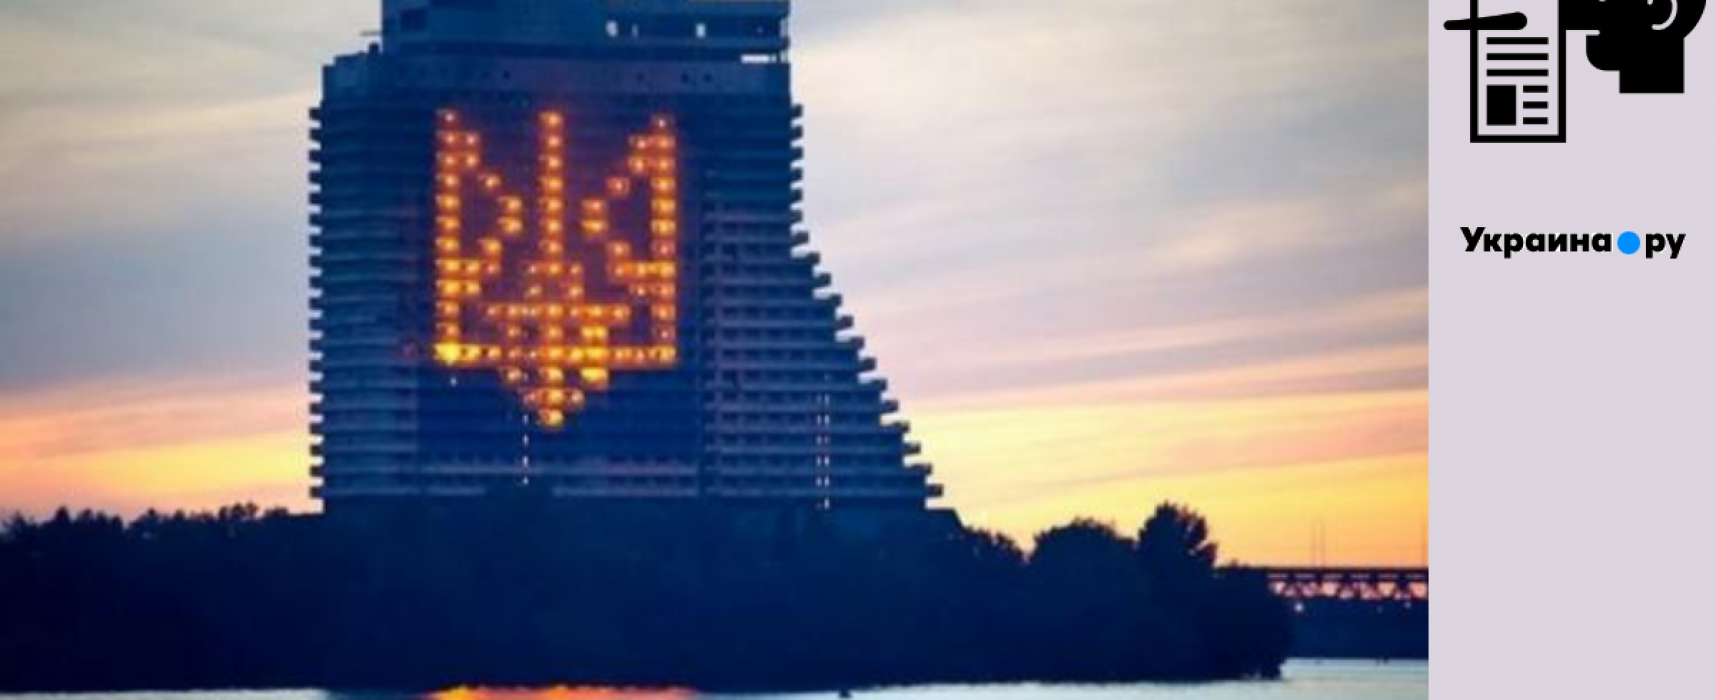 Фейк: Днепр стоит на пороге «русского мира»